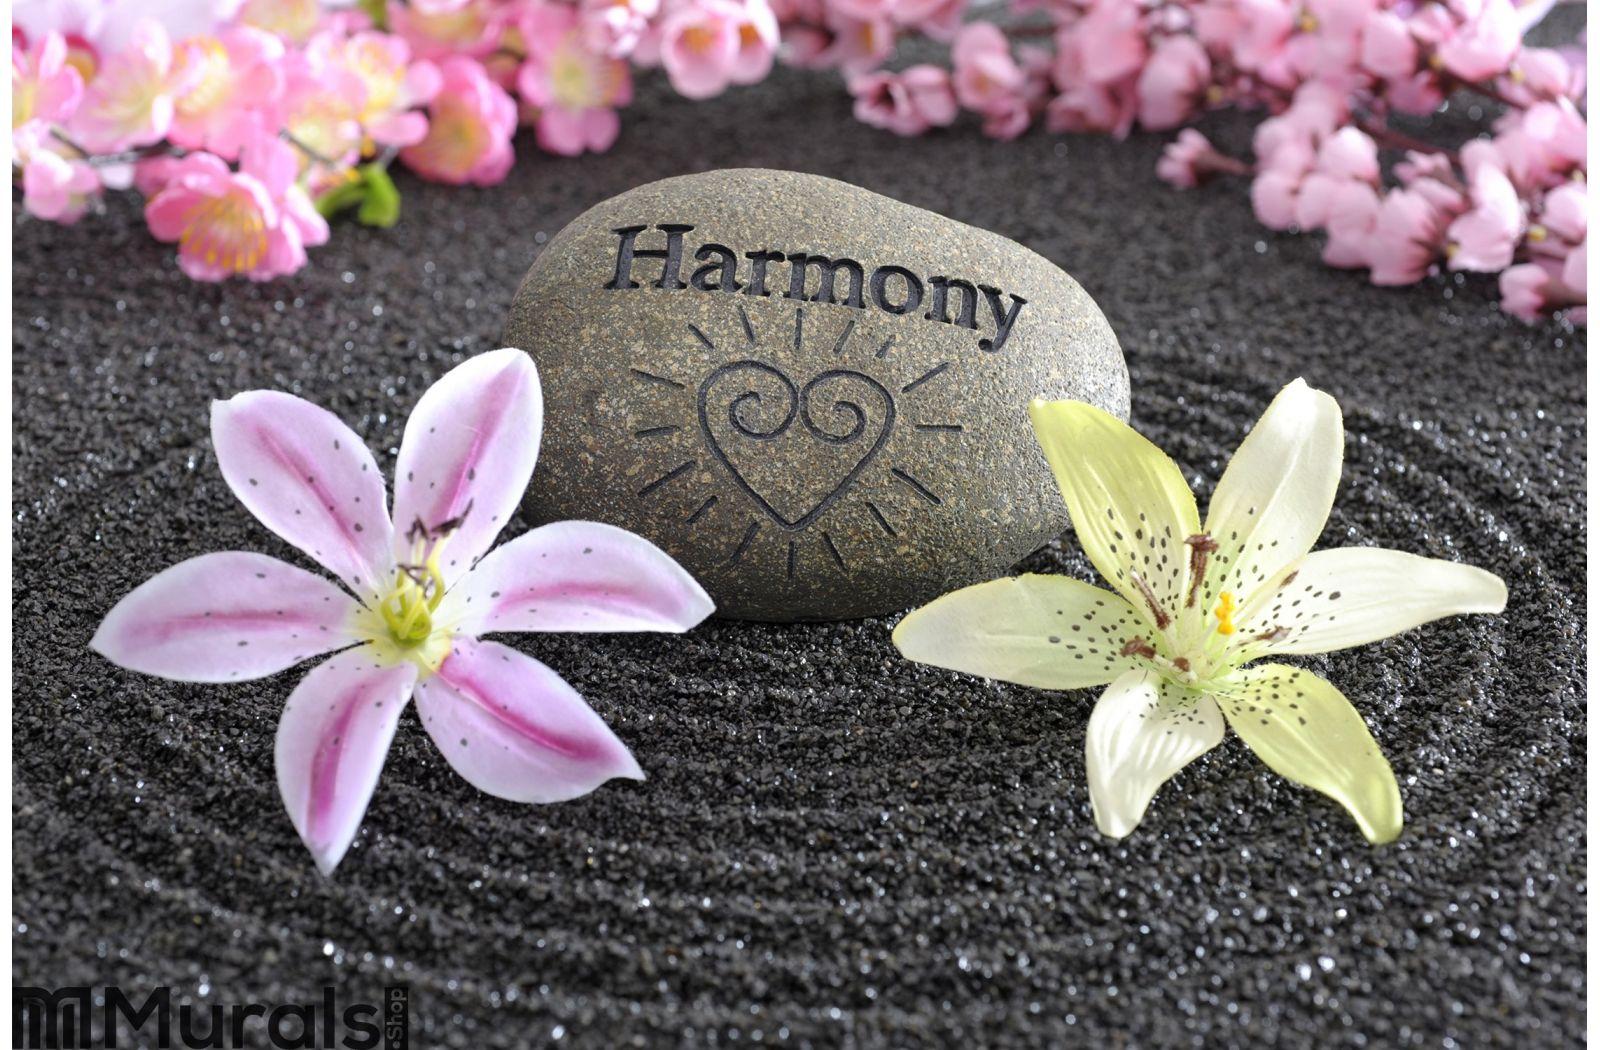 Zen garden of harmony Wall Mural